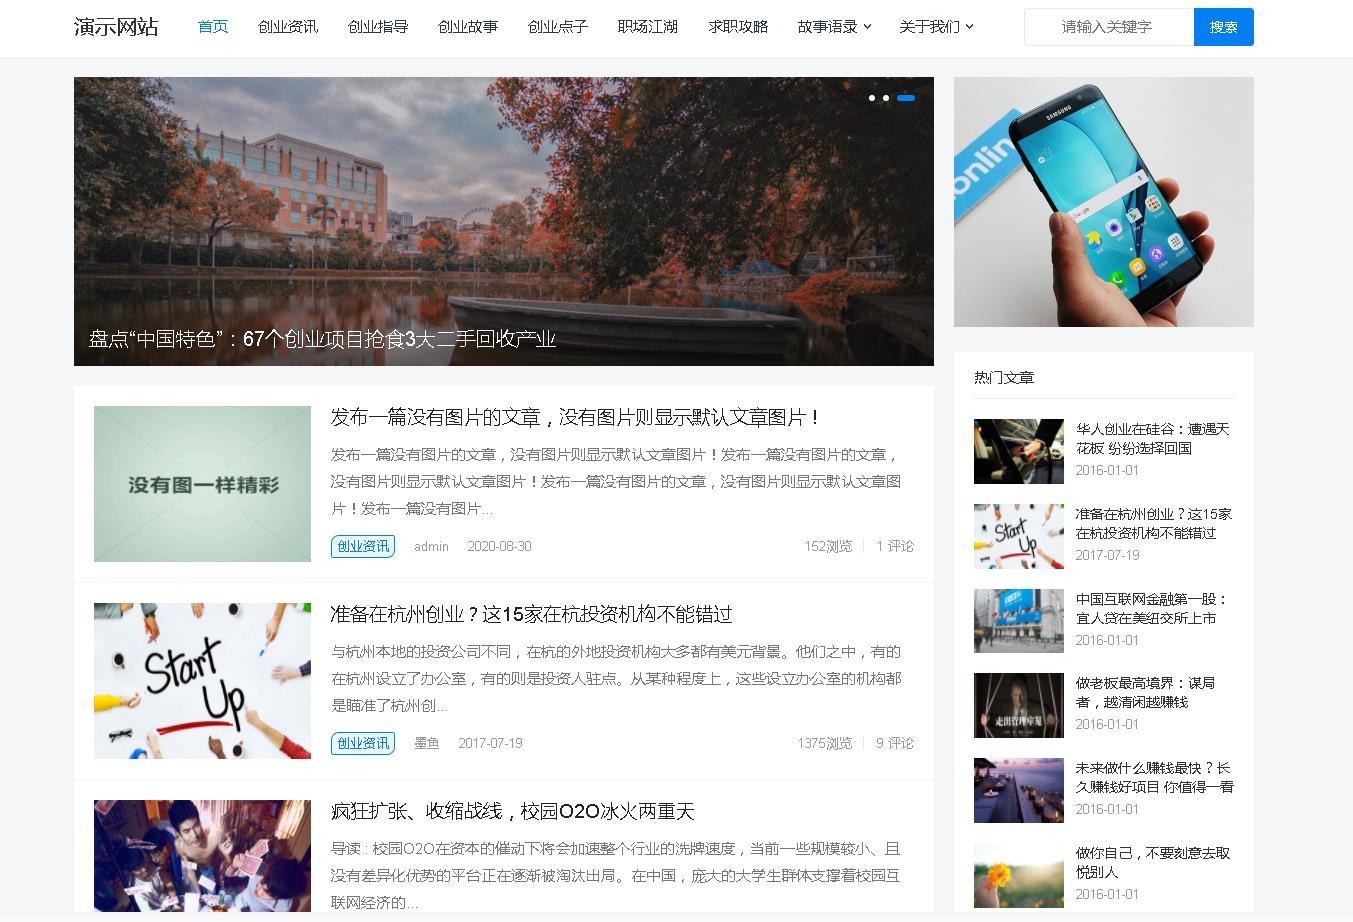 个人网站博客文章新闻资讯自适应HTML5响应式手机模板整站帝国CMS-ecms255